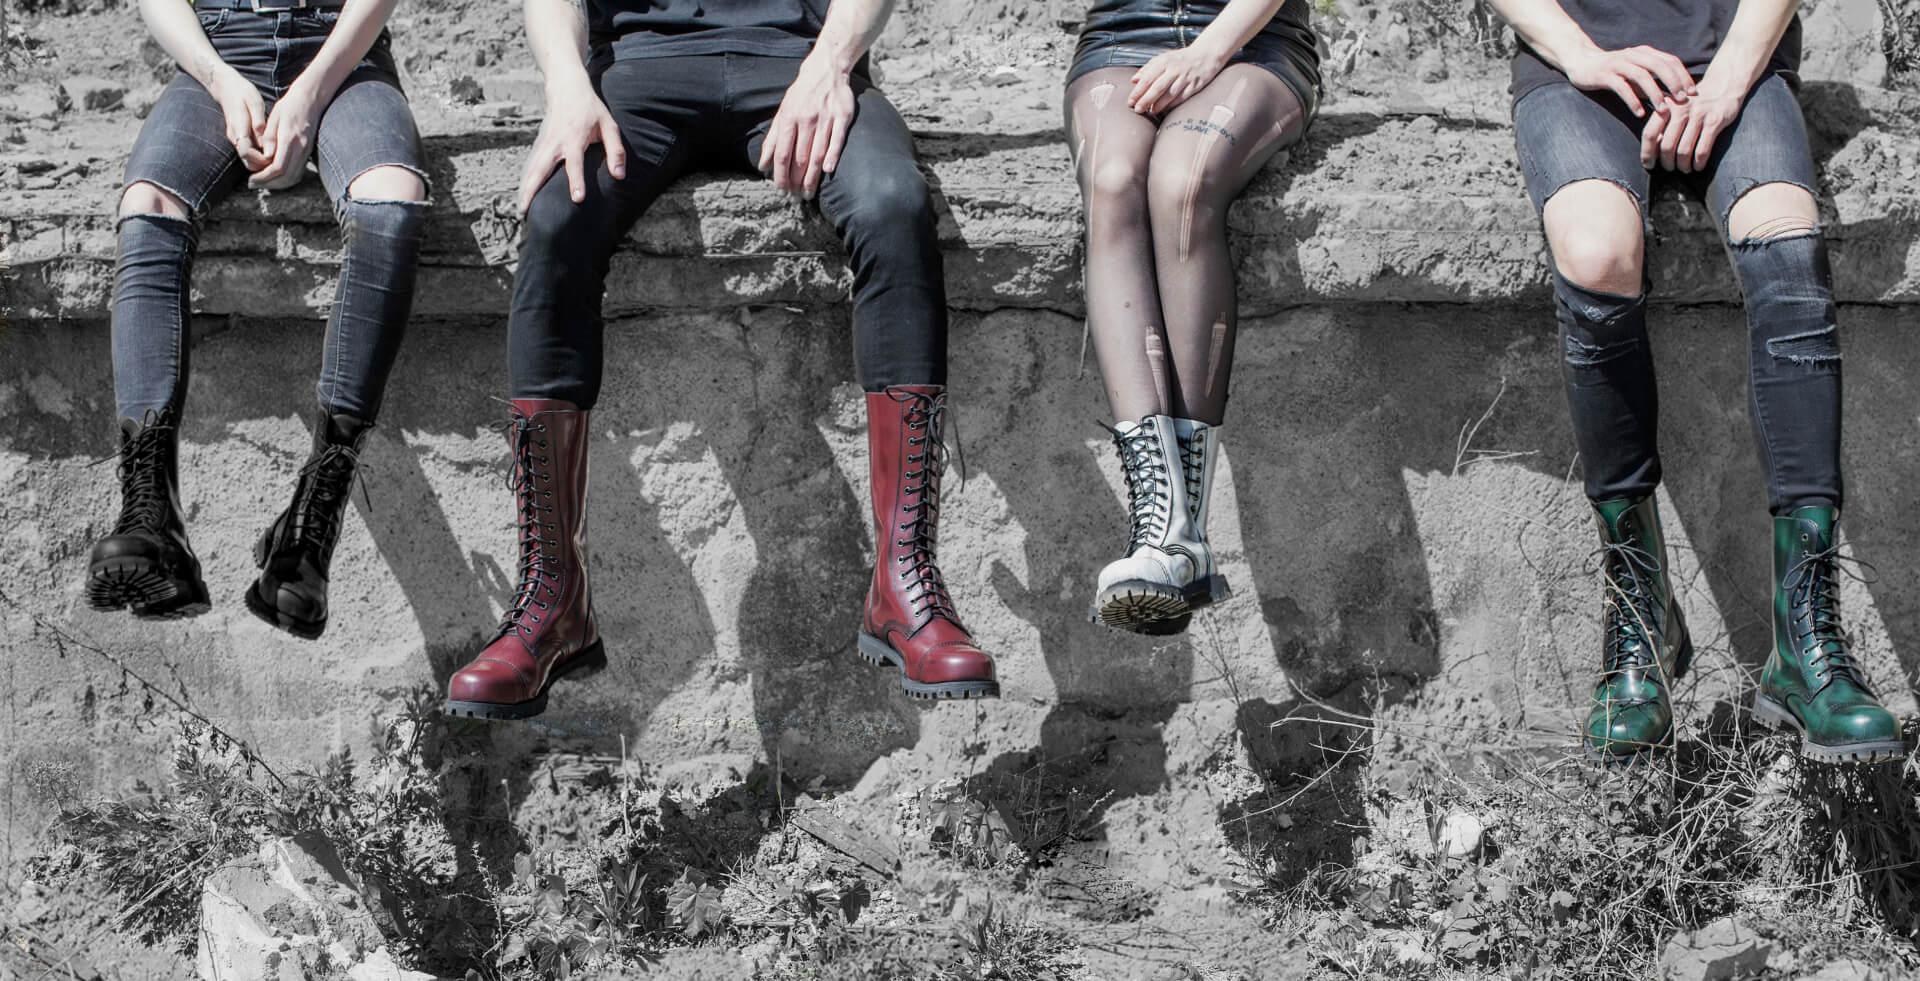 New combat boots - Heavy- duty combat boots - Altercore - Classic combat boots and sneakers - ALTERCORE